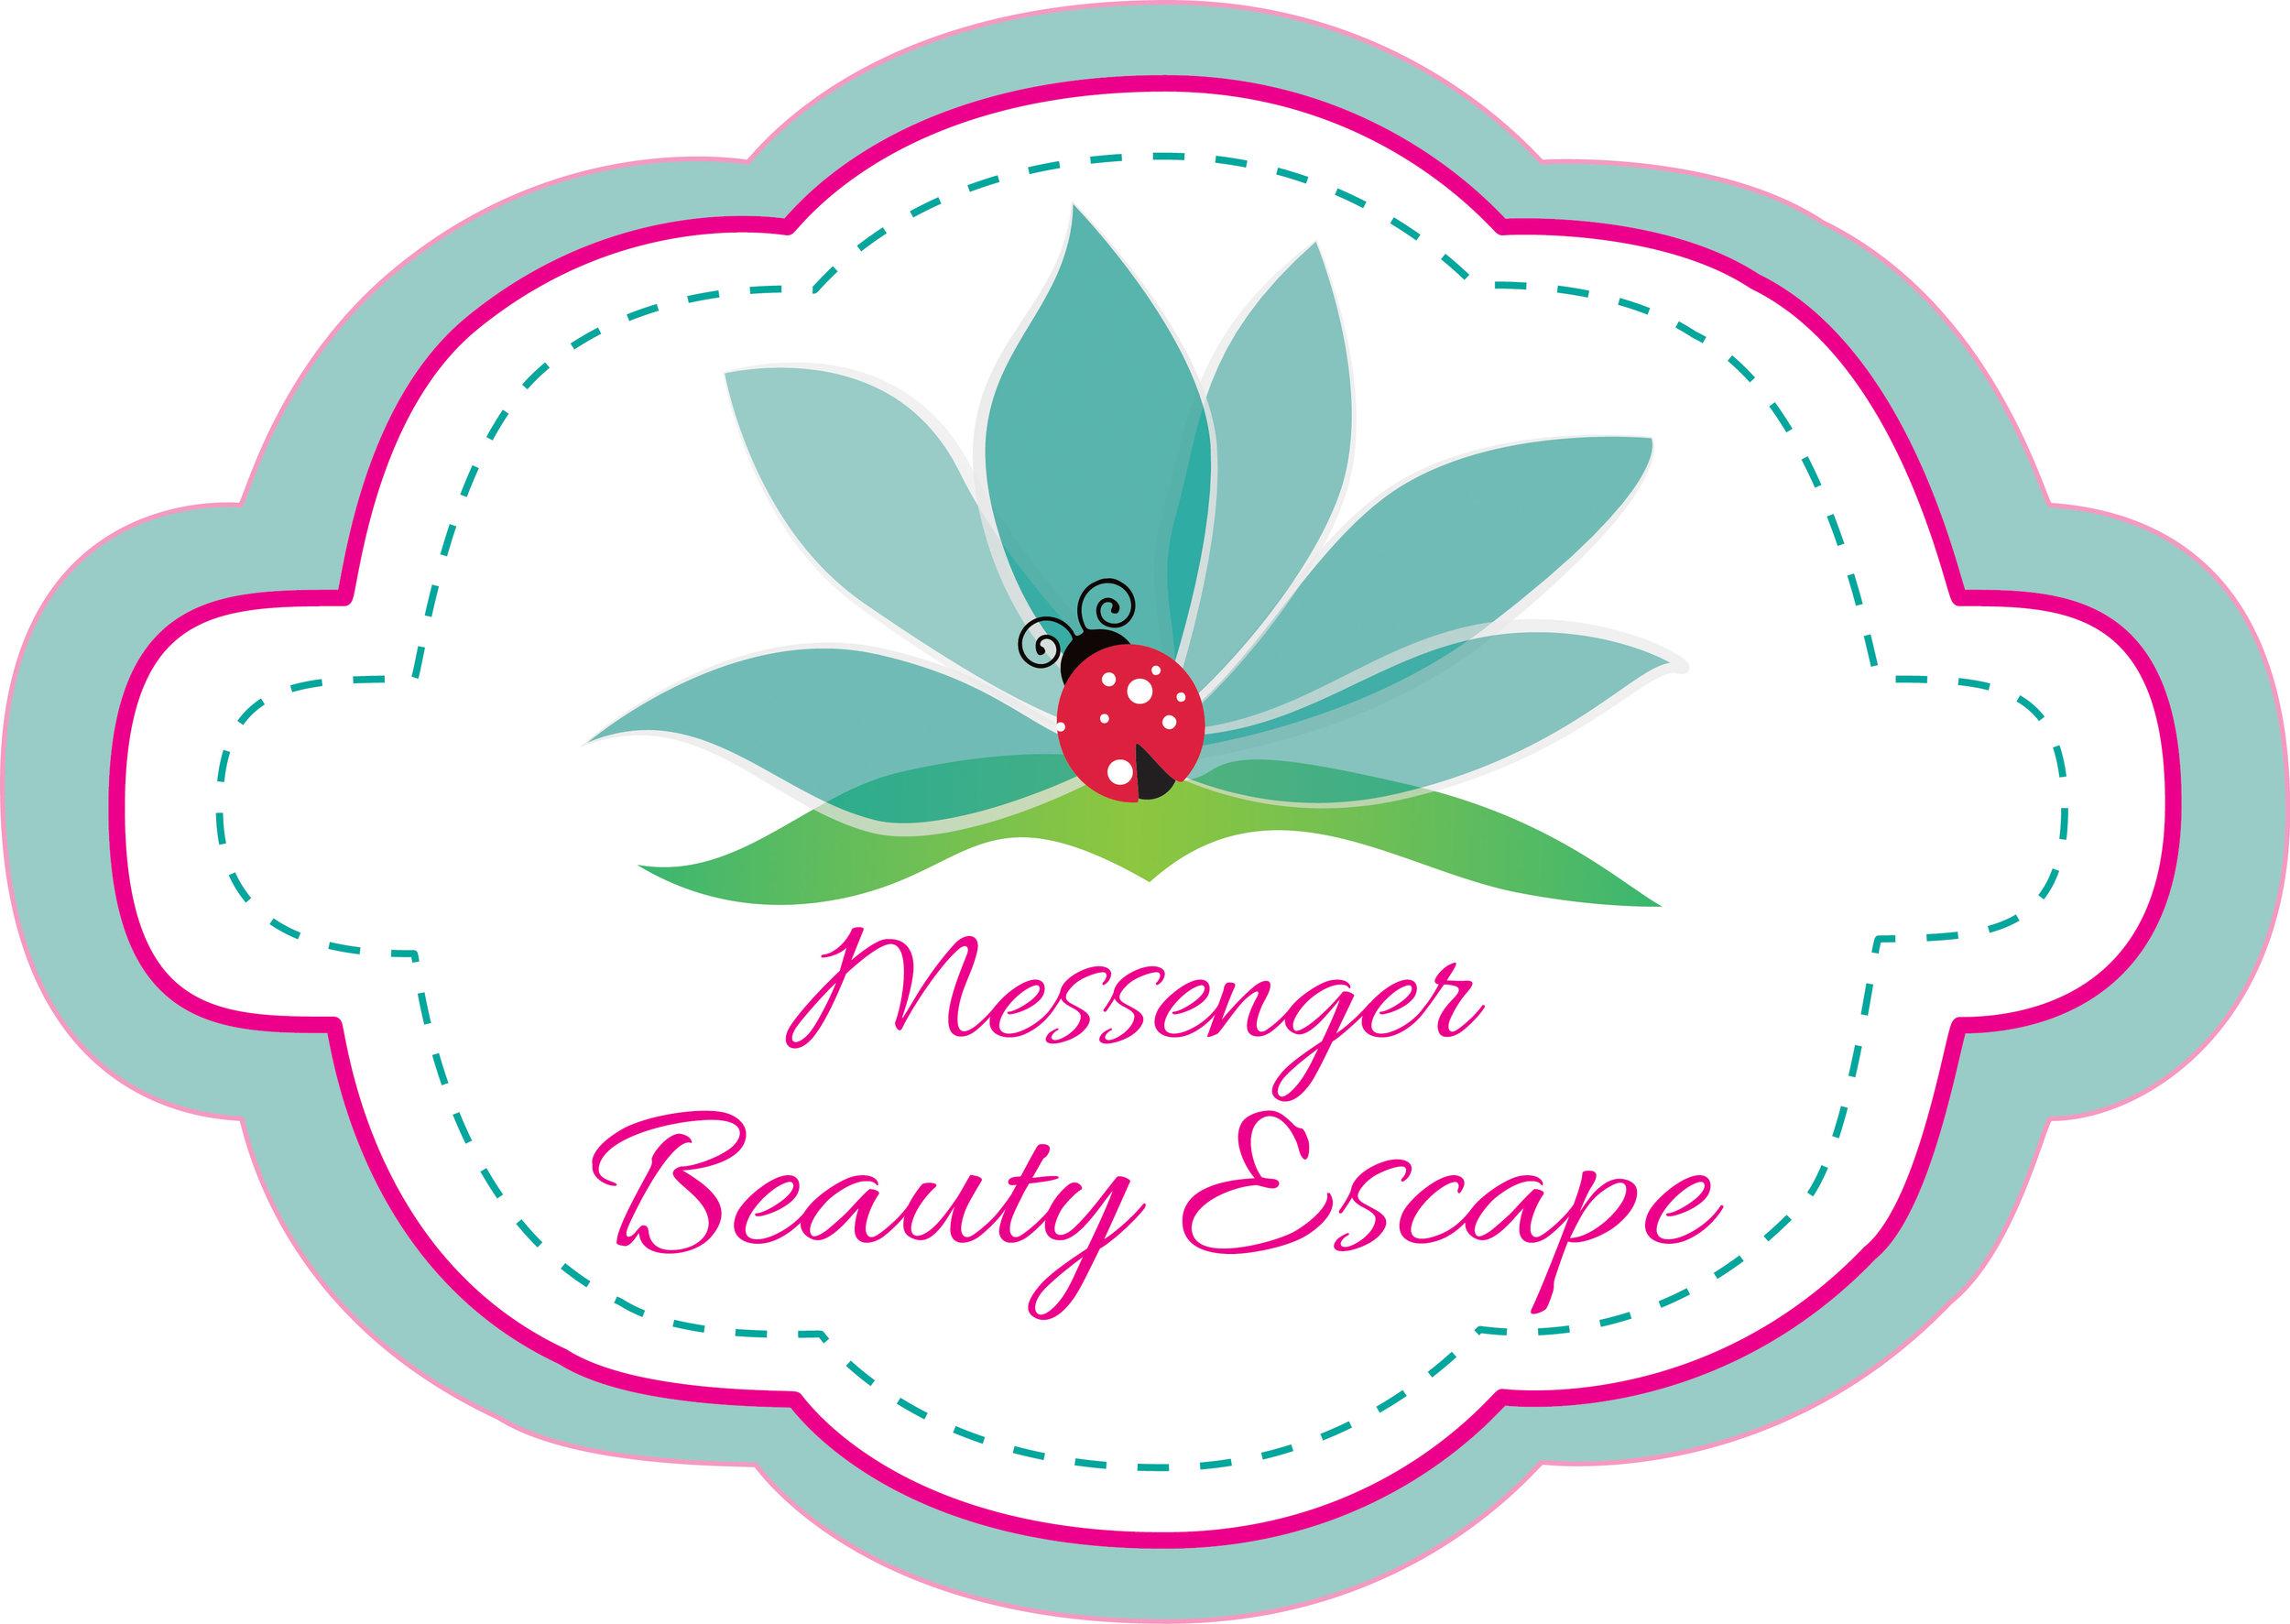 Messenger Beauty Escape Logo